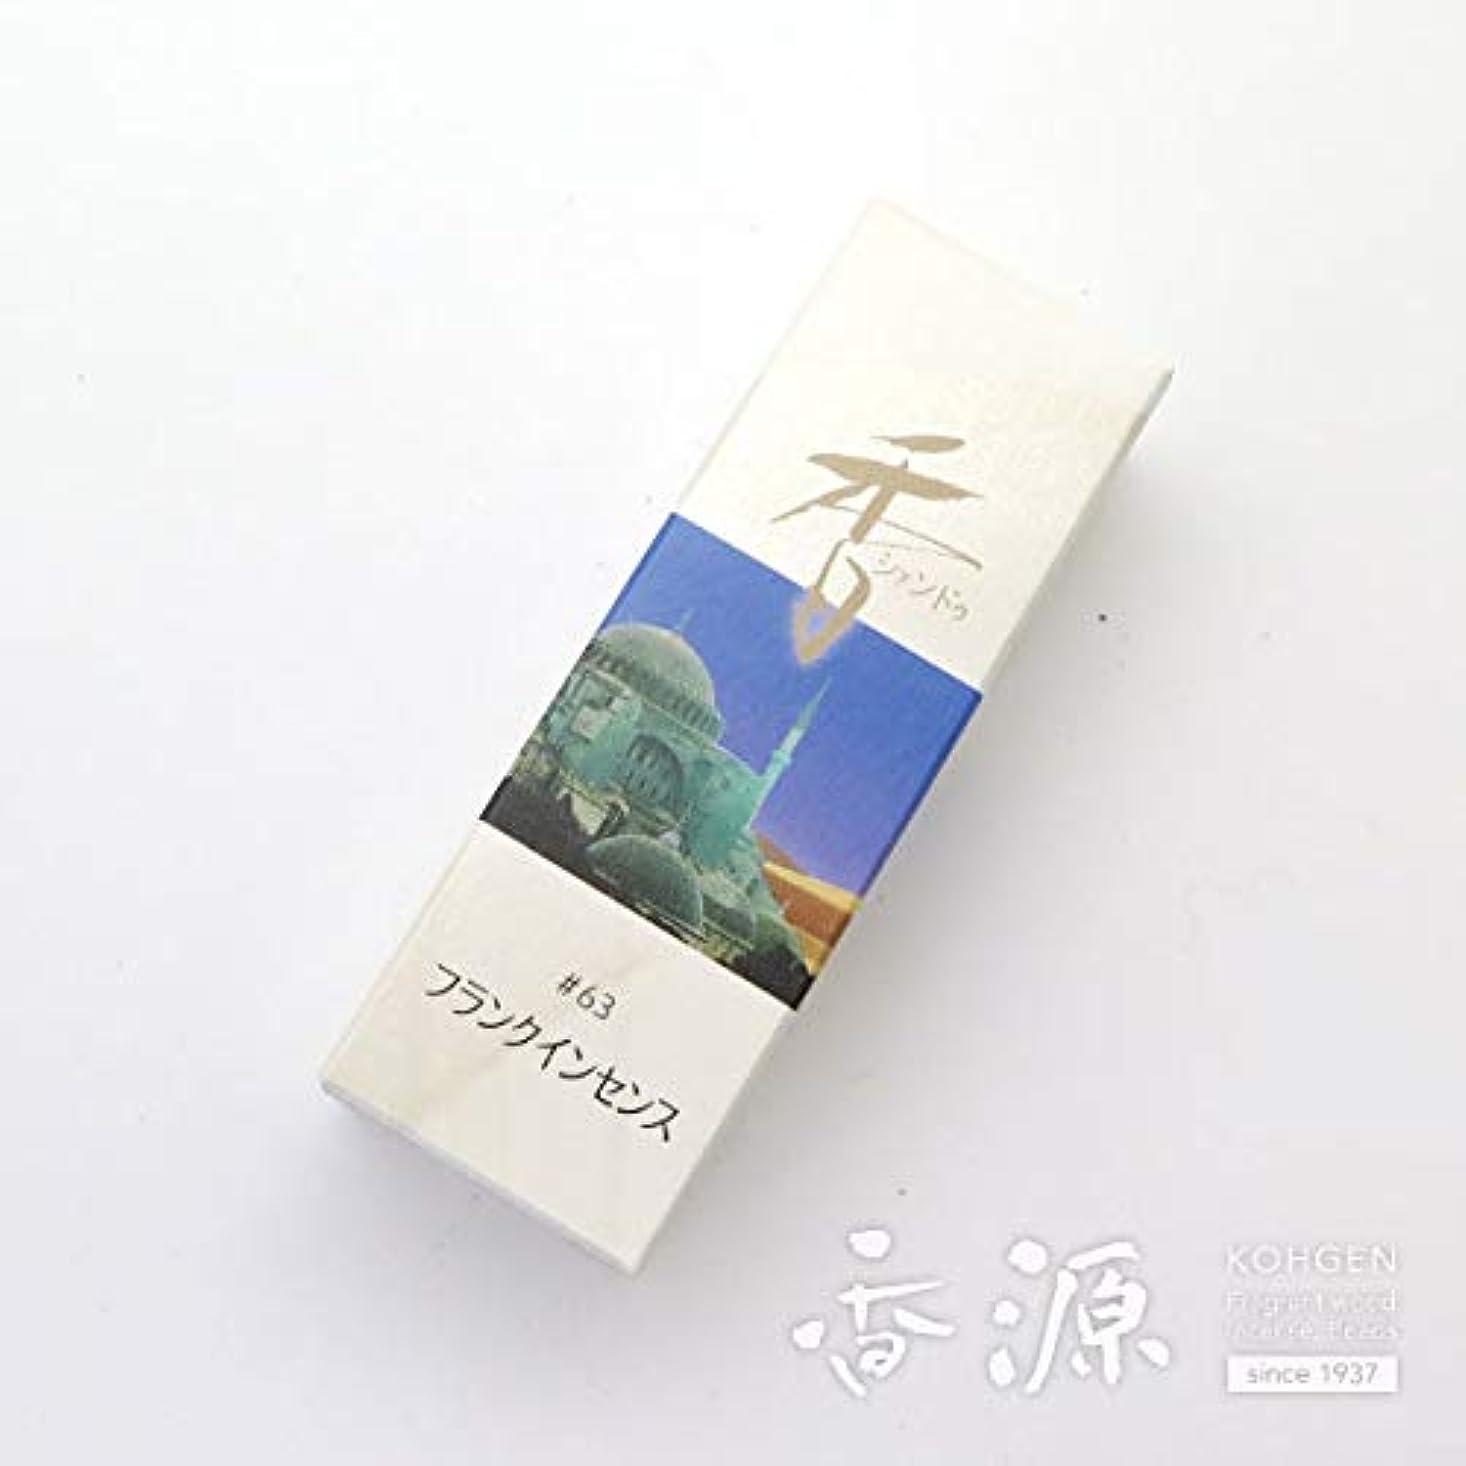 施しマウンドマッシュXiang Do(シャンドゥ) 松栄堂のお香 フランクインセンス ST20本入 簡易香立付 #214263